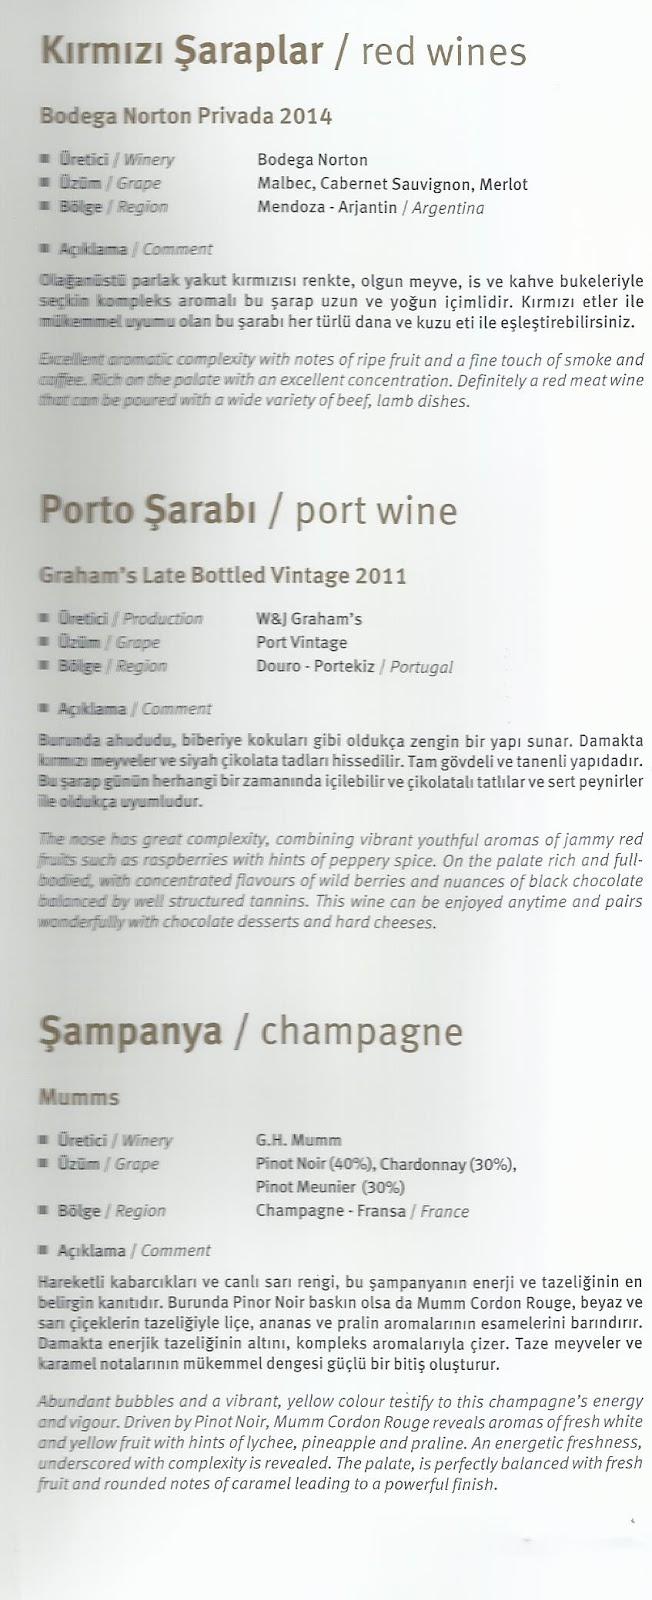 赤ワイン・ポートワイン・シャンパン